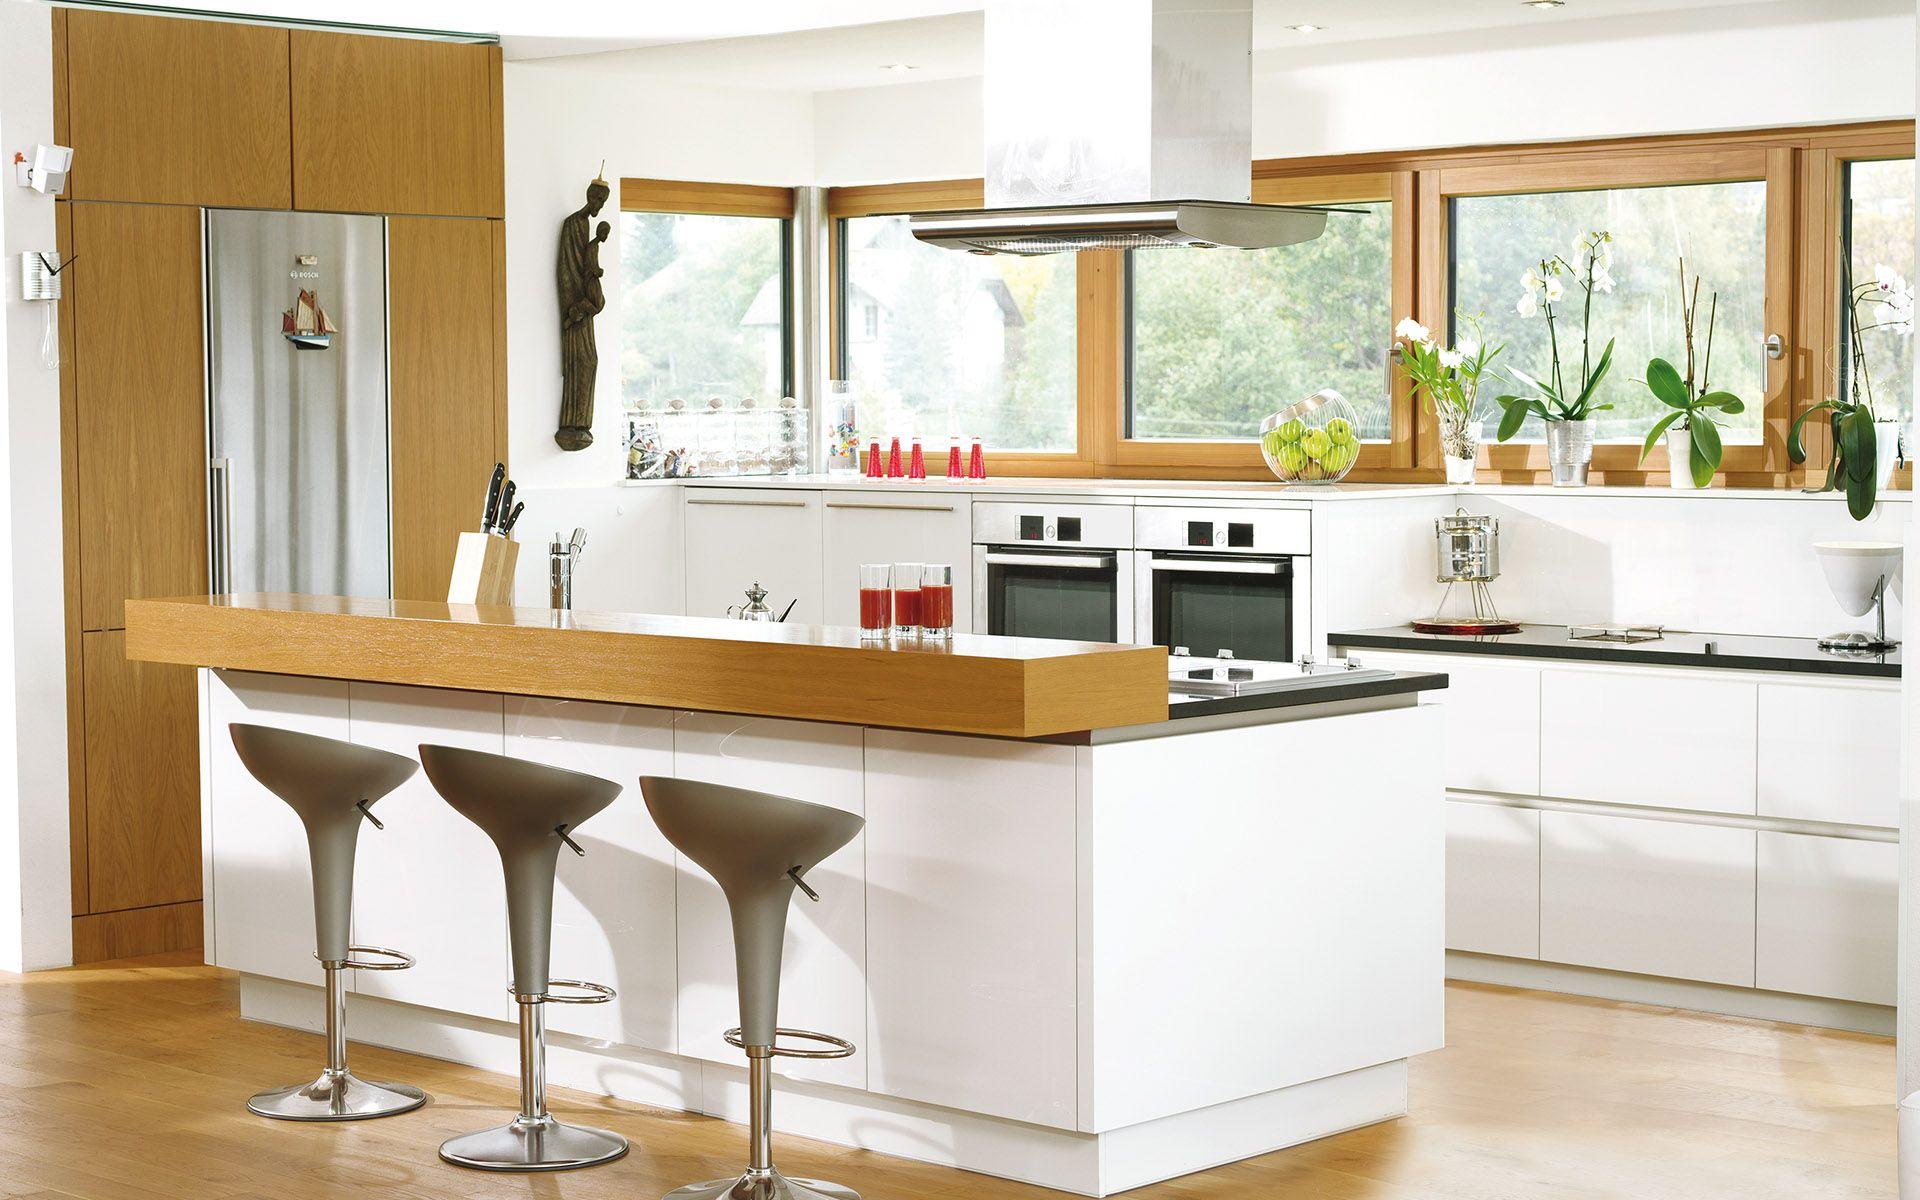 HAKA Küche // 79 | Küche auf www.HAKA.at | Pinterest | Möbel nach ...